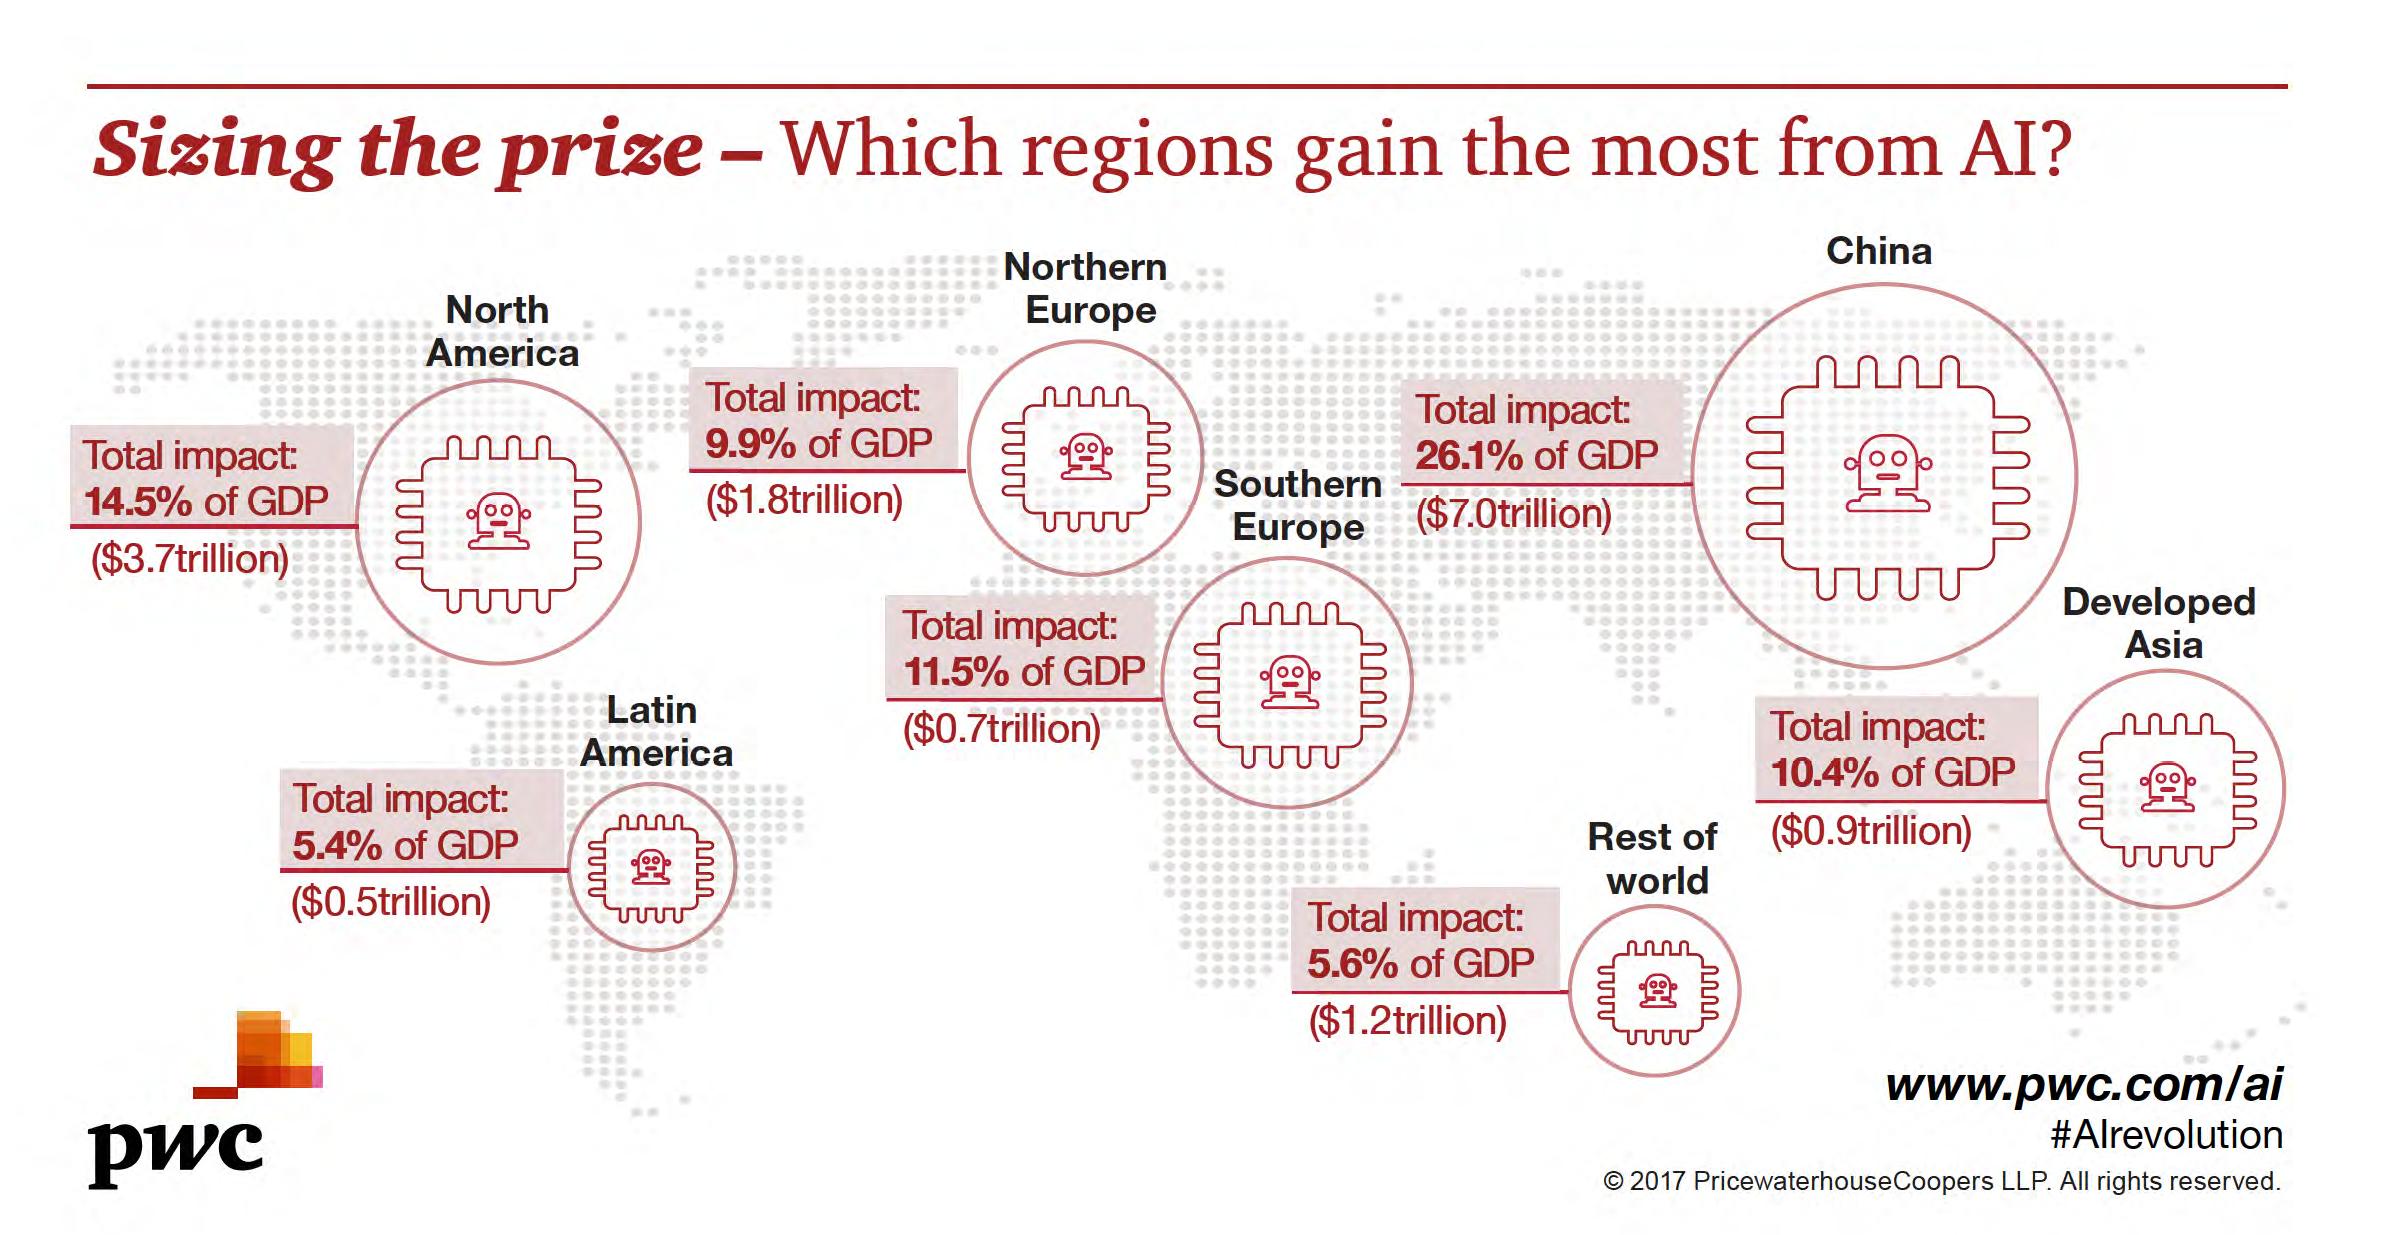 искусственный интеллект - прирост мирового ВВП 2030